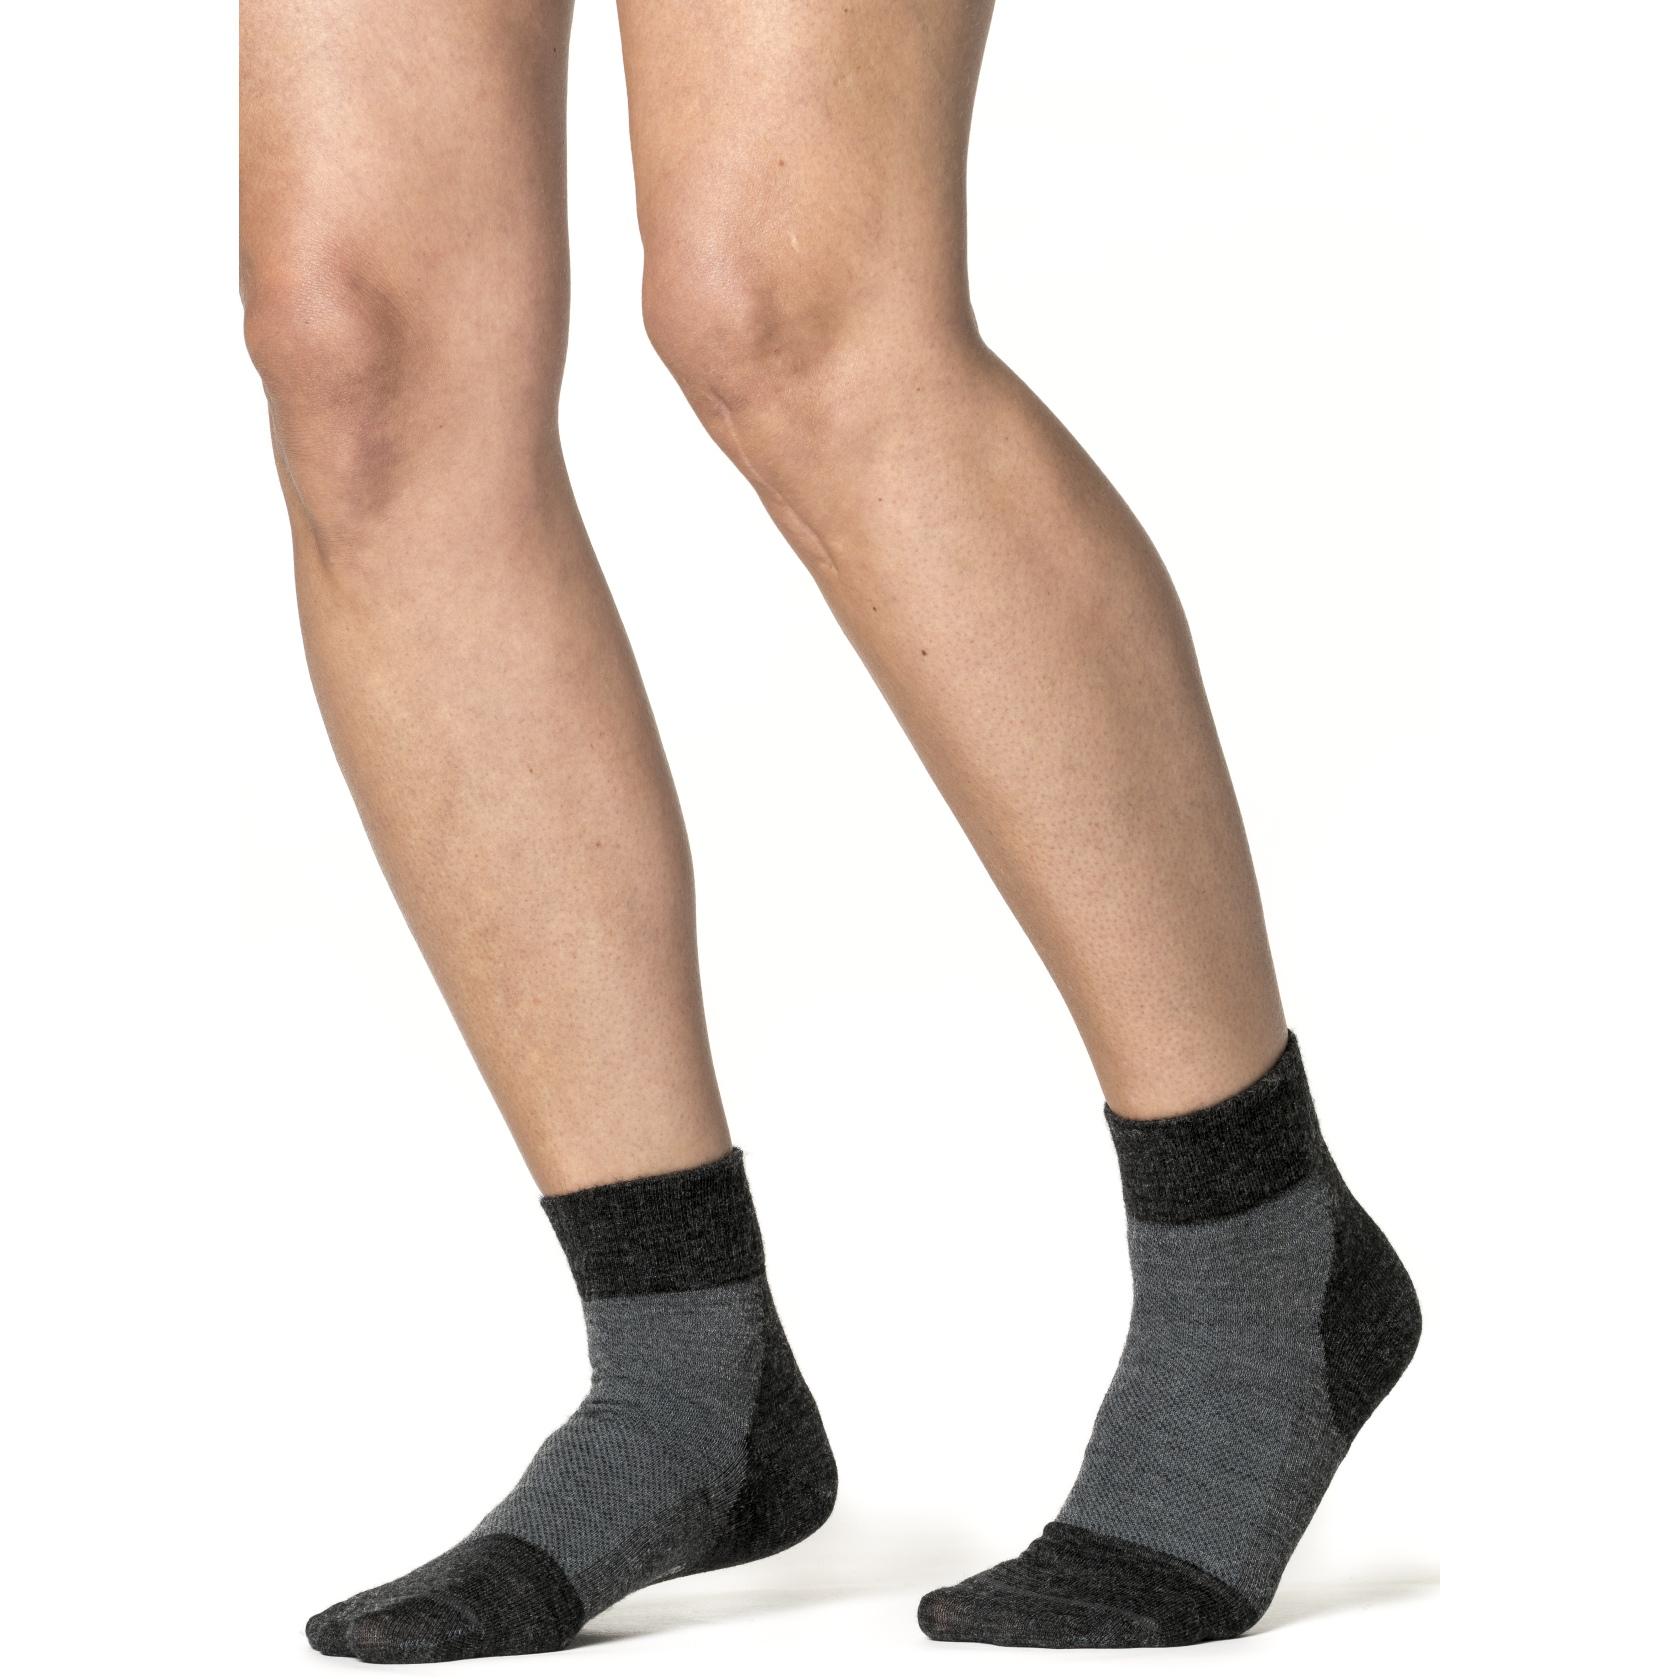 Bild von Woolpower Skilled Liner Short Socken - dark grey-grey